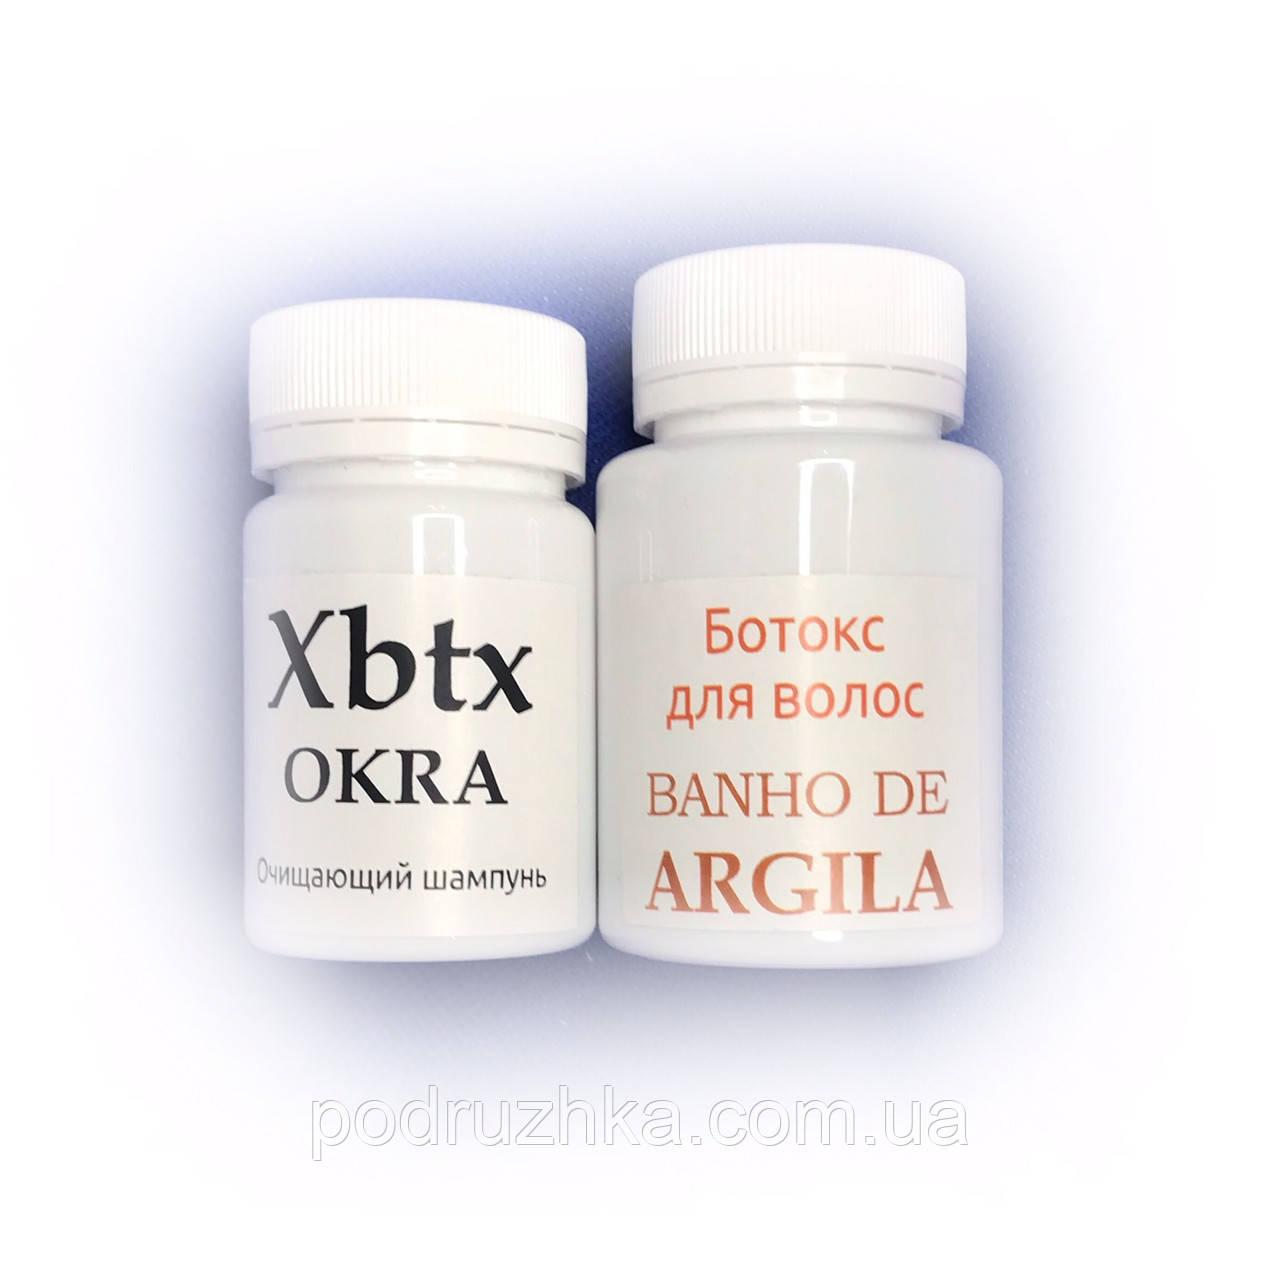 Набор ботокс для волос Xmix Banho de Argila 30/50 г